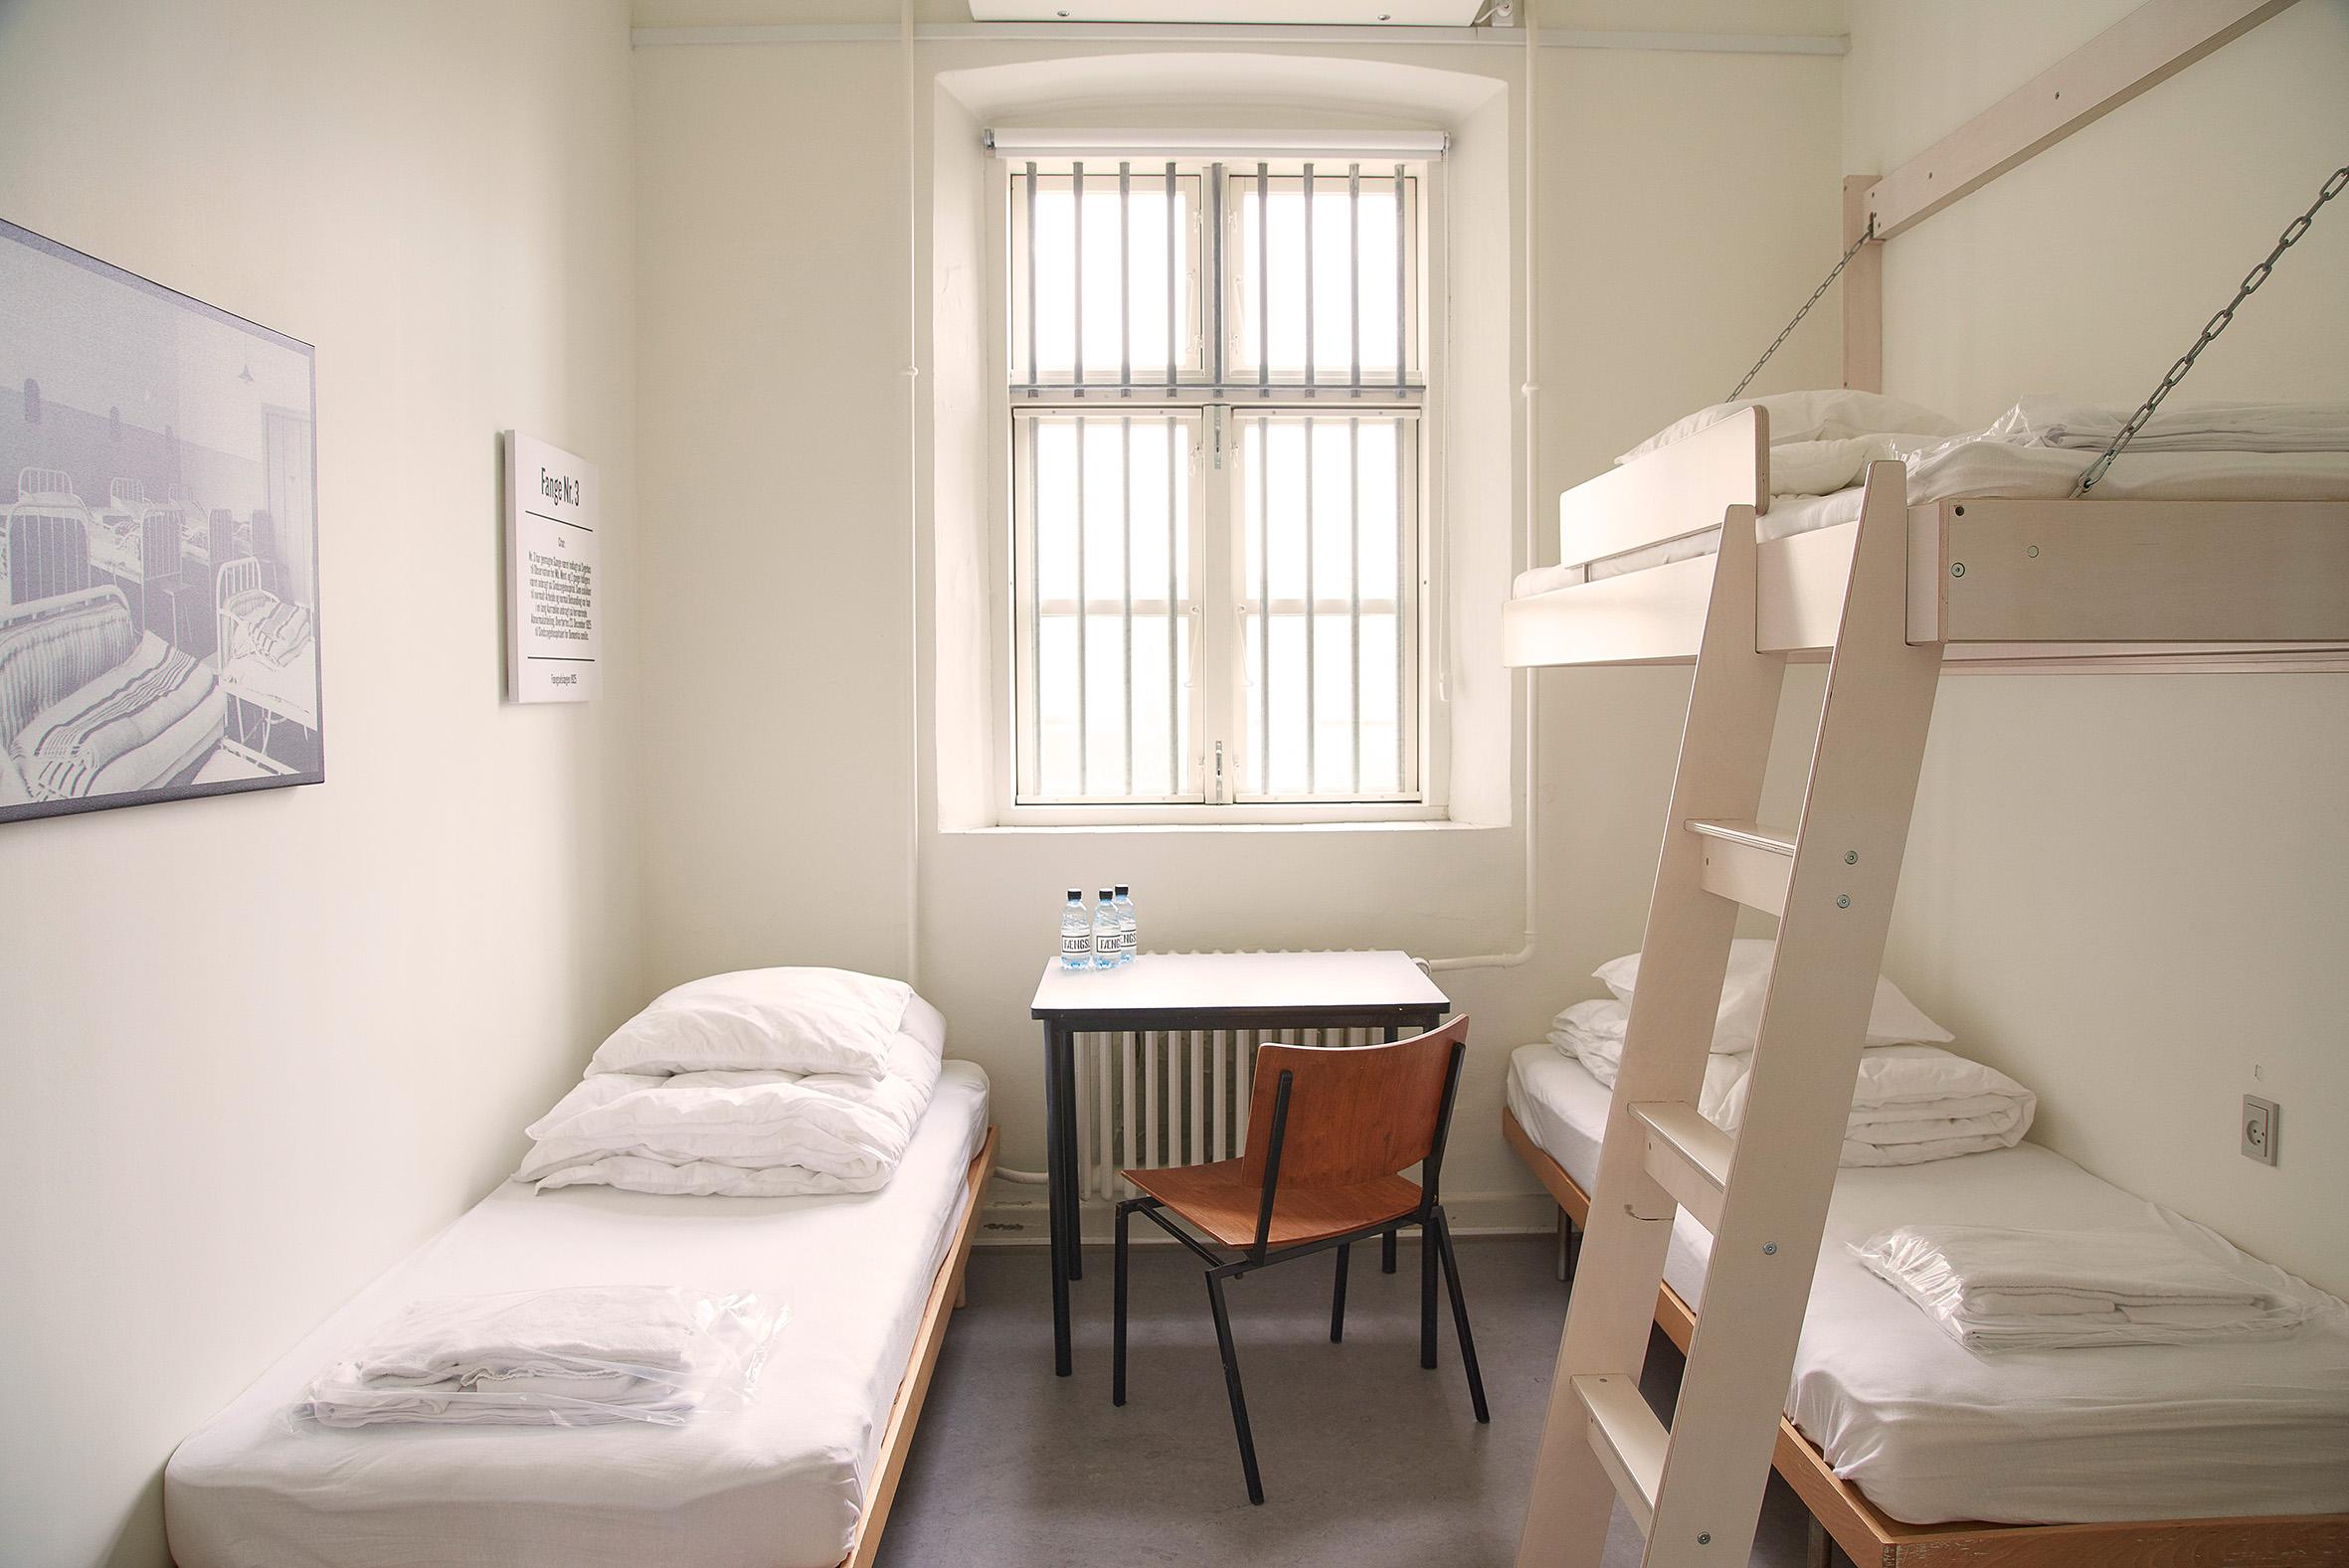 郵局監獄圖書館6間你沒住過的公共建築旅宿